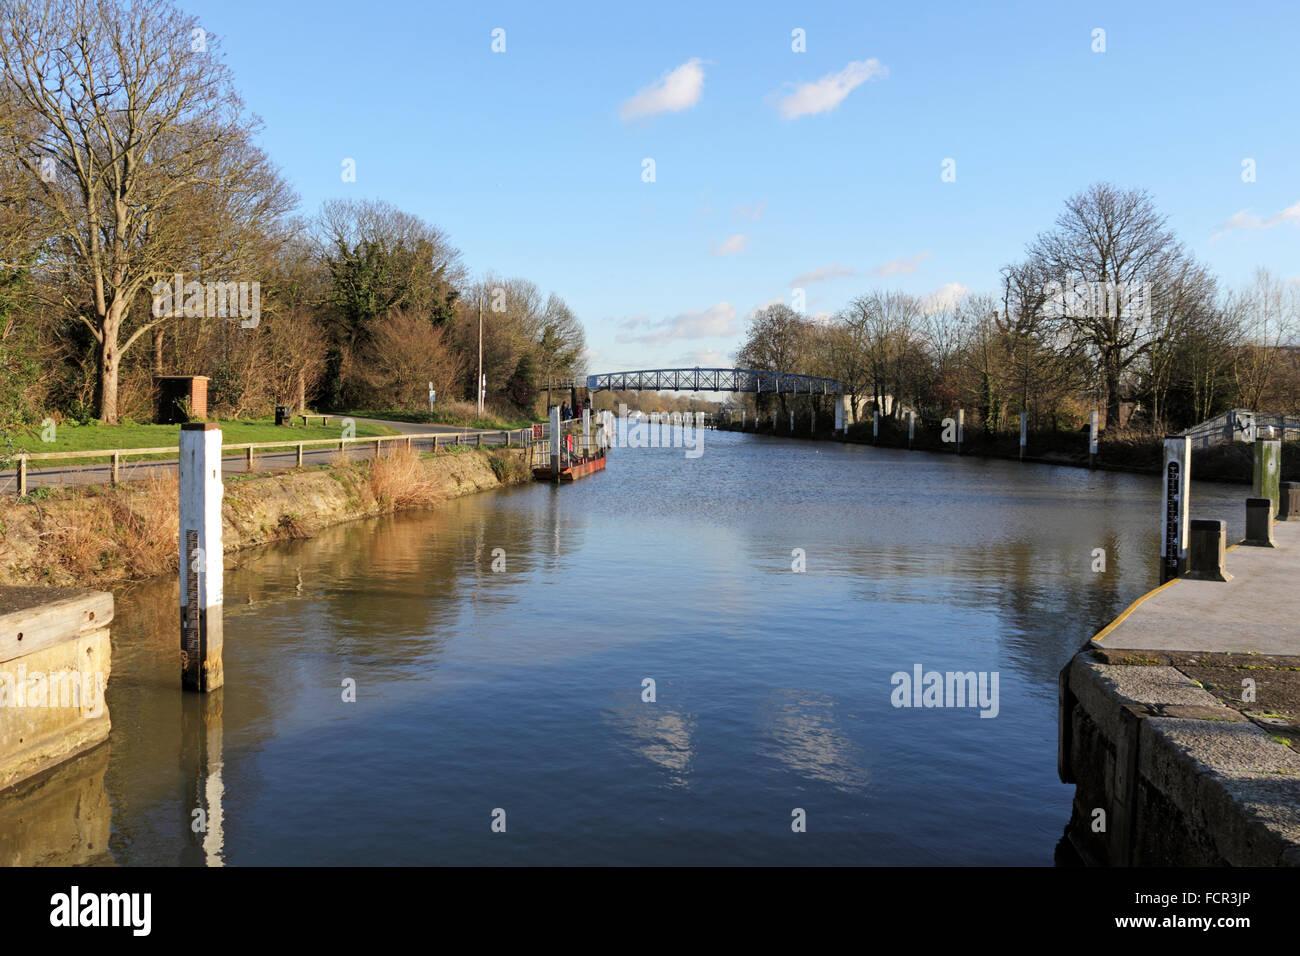 The River Thames at Teddington, London, UK. Stock Photo